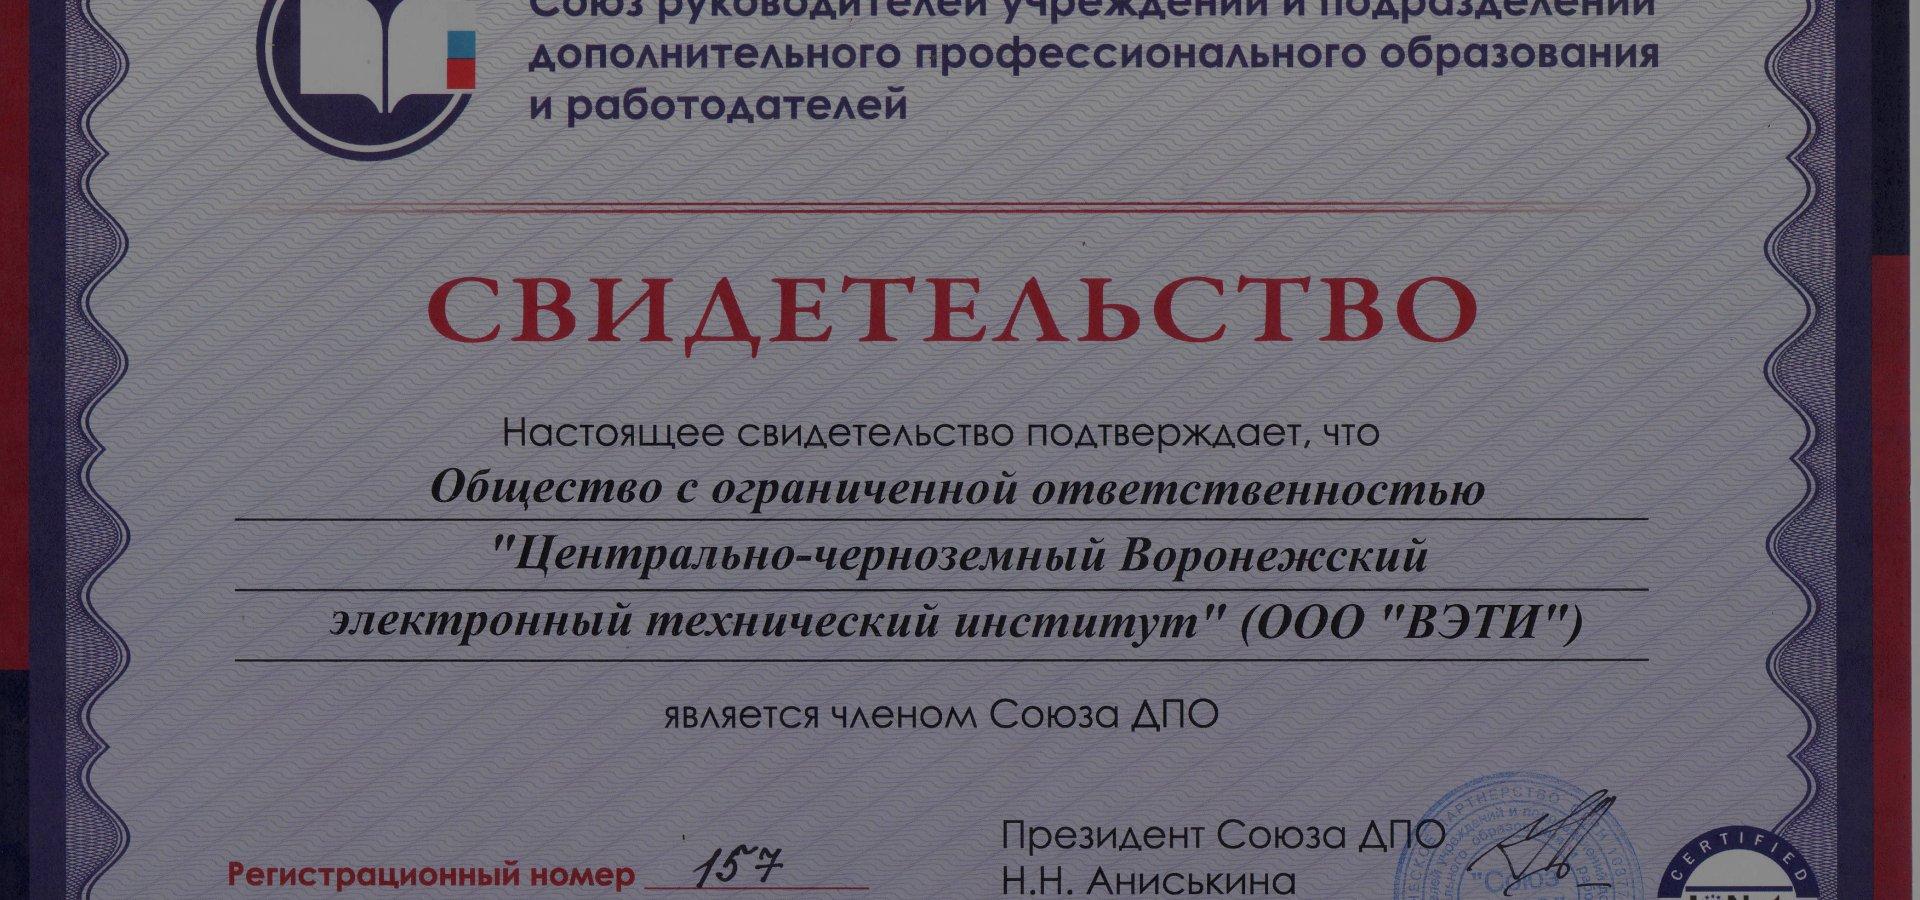 ЦЧ ВЭТИ вошел в состав союза учебных организаций в работающих в системе ДПО